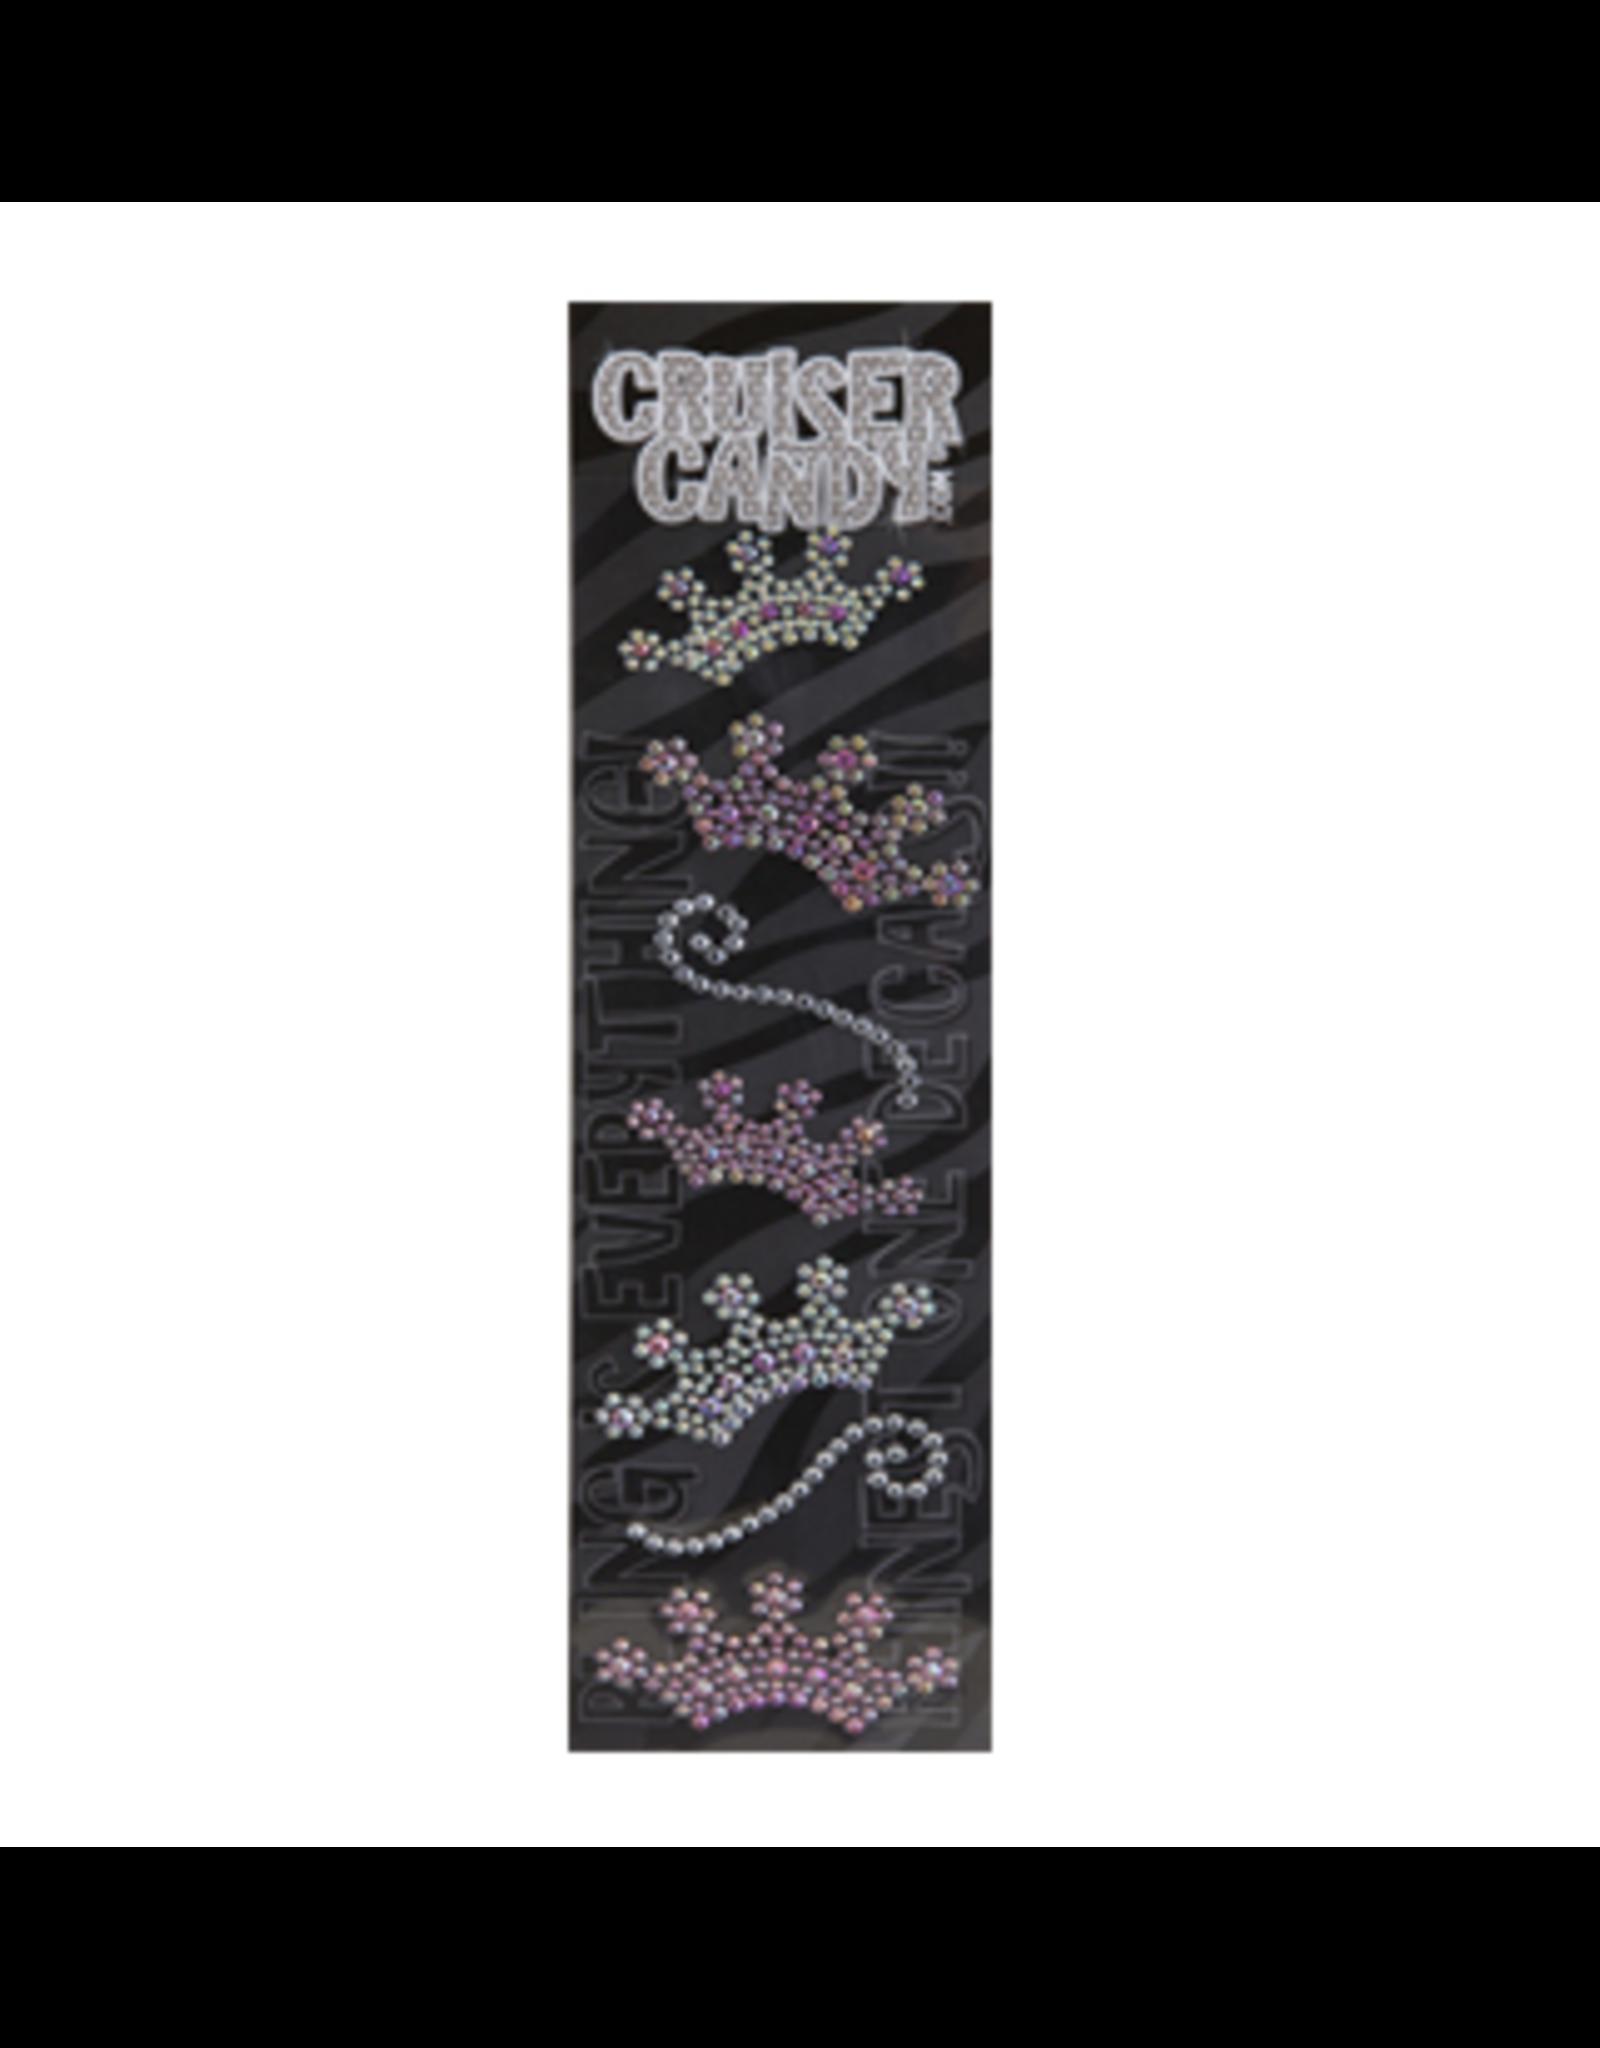 Cruiser Candy Cruiser Candy Decals - Crown Rhinestone